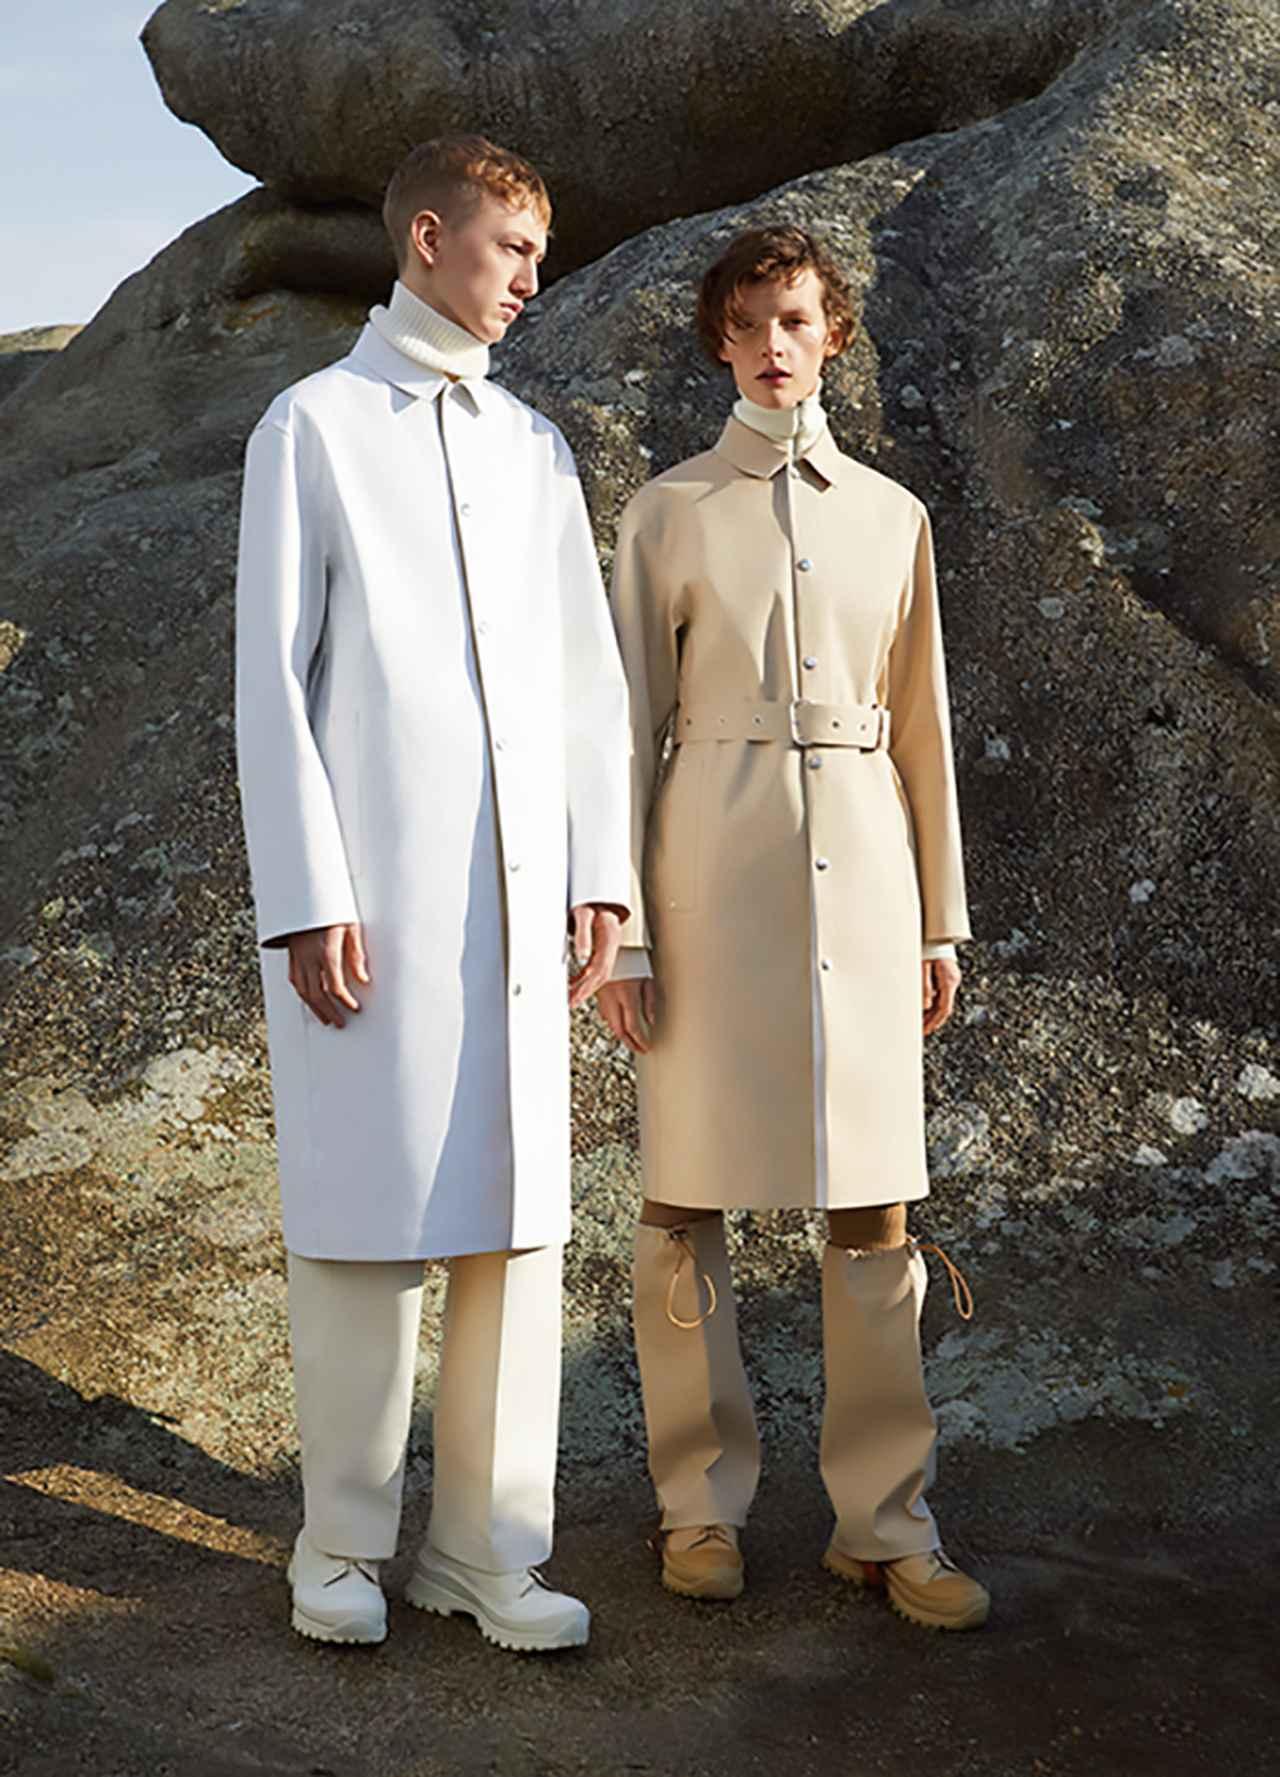 Images : 2番目の画像 - 「ジルサンダーの サスティナブルな新ライン 「ジル サンダー +」」のアルバム - T JAPAN:The New York Times Style Magazine 公式サイト